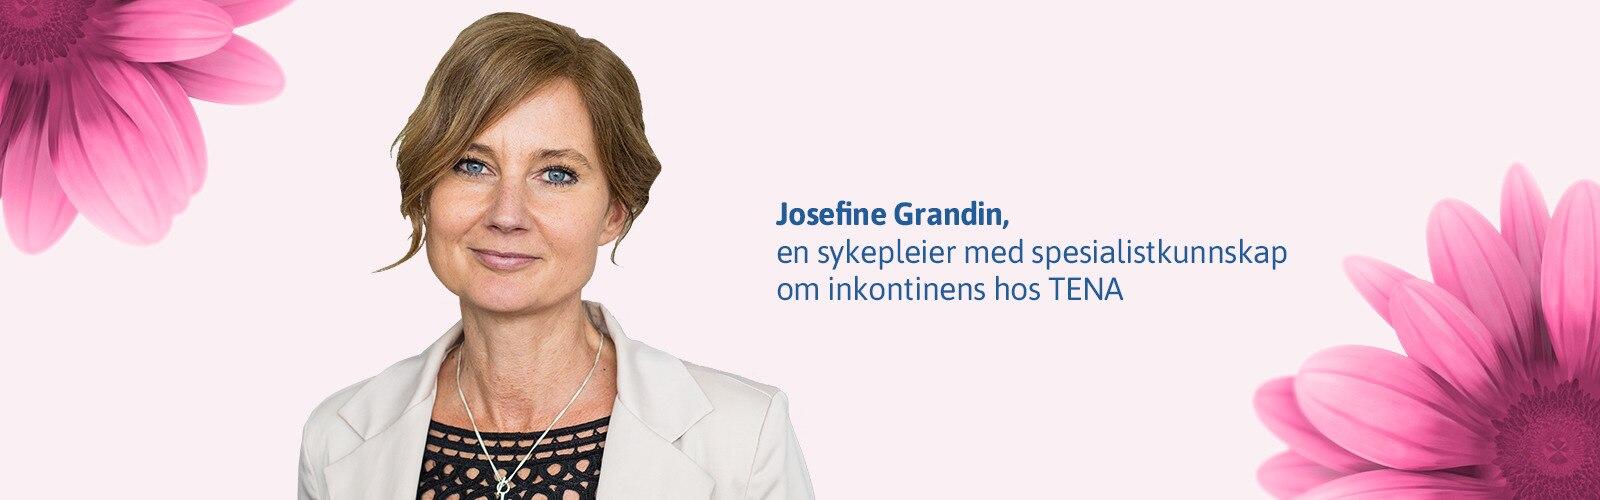 Josefine Grandin, en sykepleier med spesialistkunnskap om inkontinens hos TENA